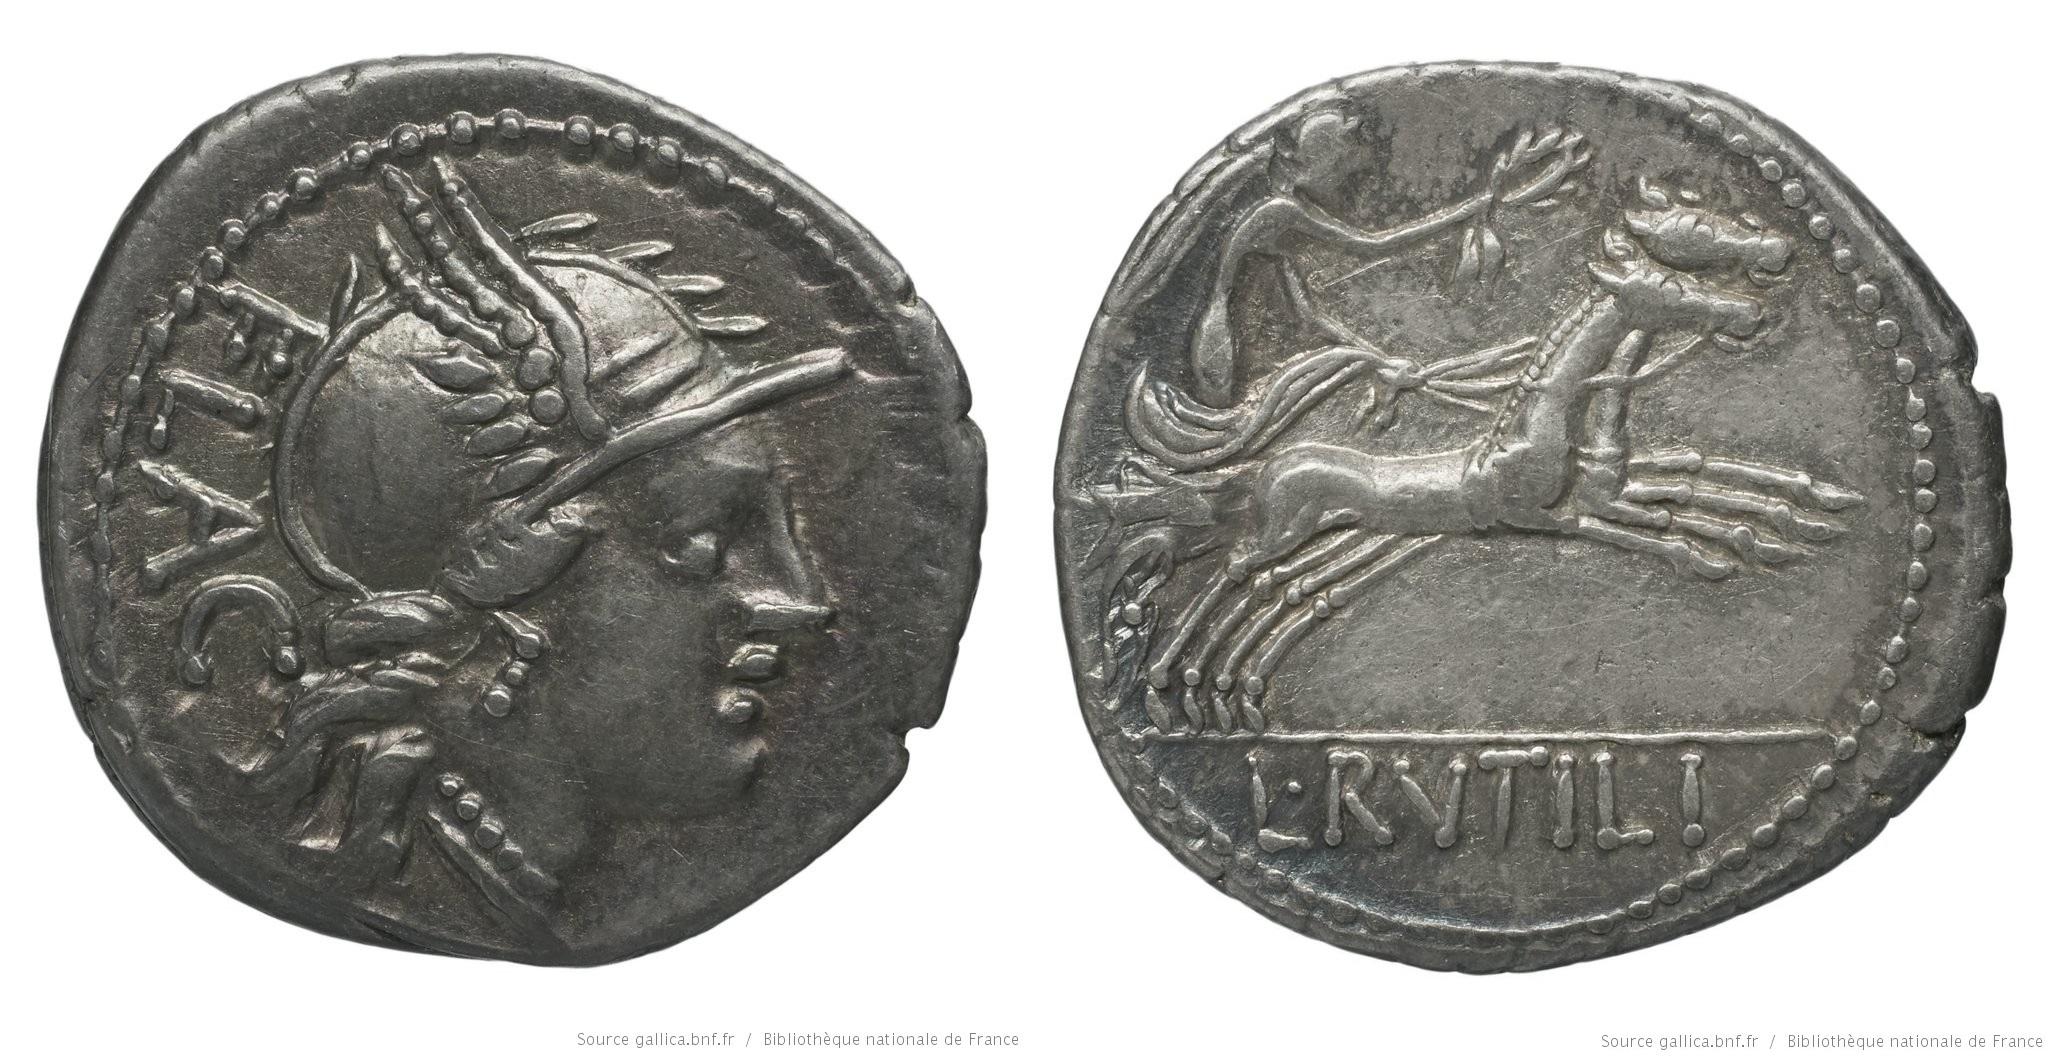 1324RU – Denier Rutilia – Lucius Rutilius Flaccus